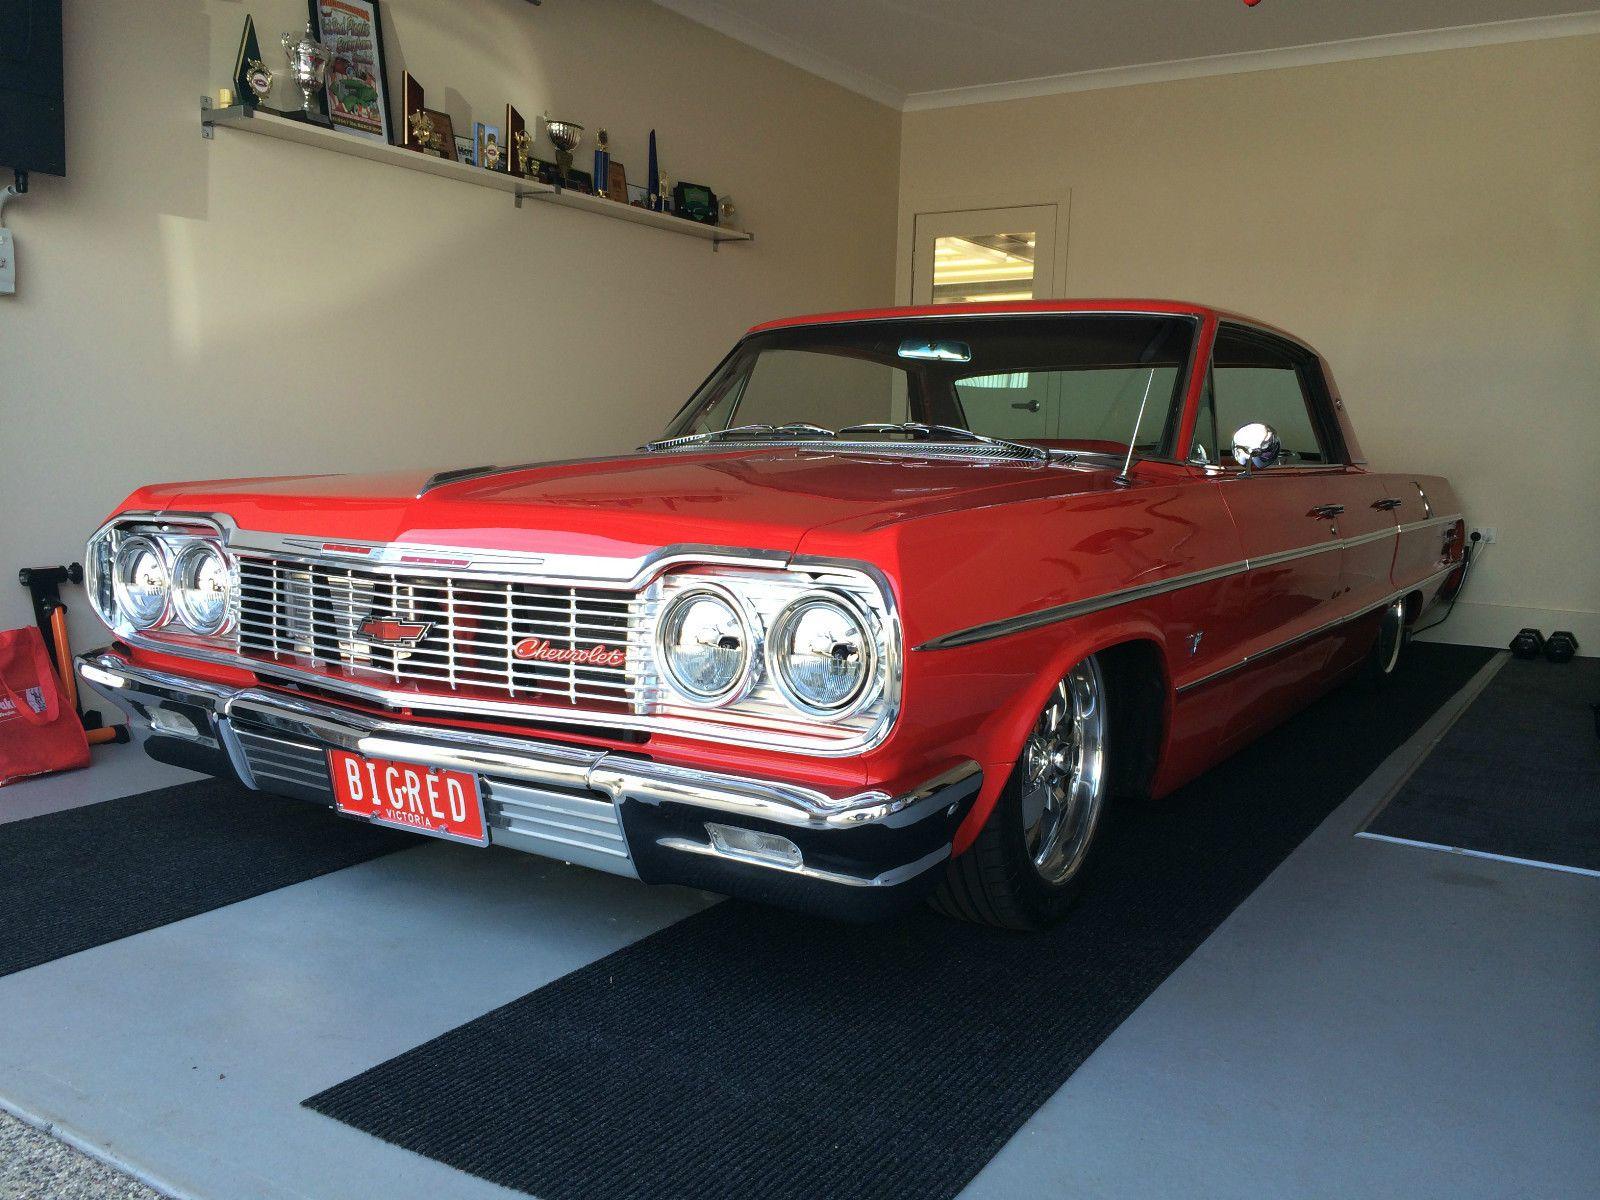 1964 Chevrolet Impala Pillarless Chevrolet Impala Impala Chevrolet